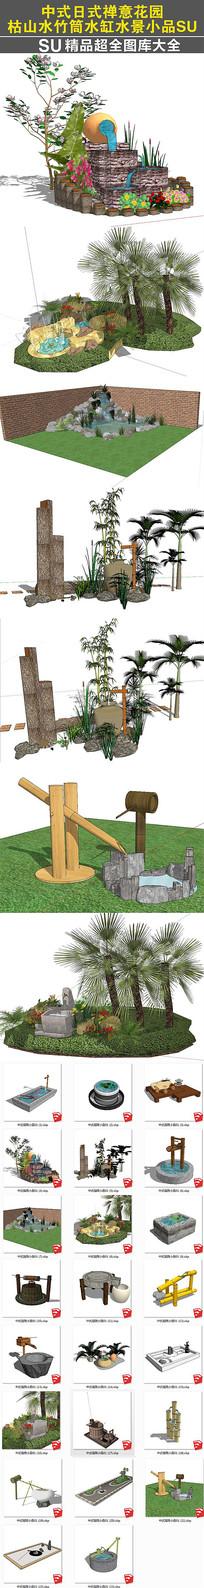 中式日式禅意花园枯山水竹筒